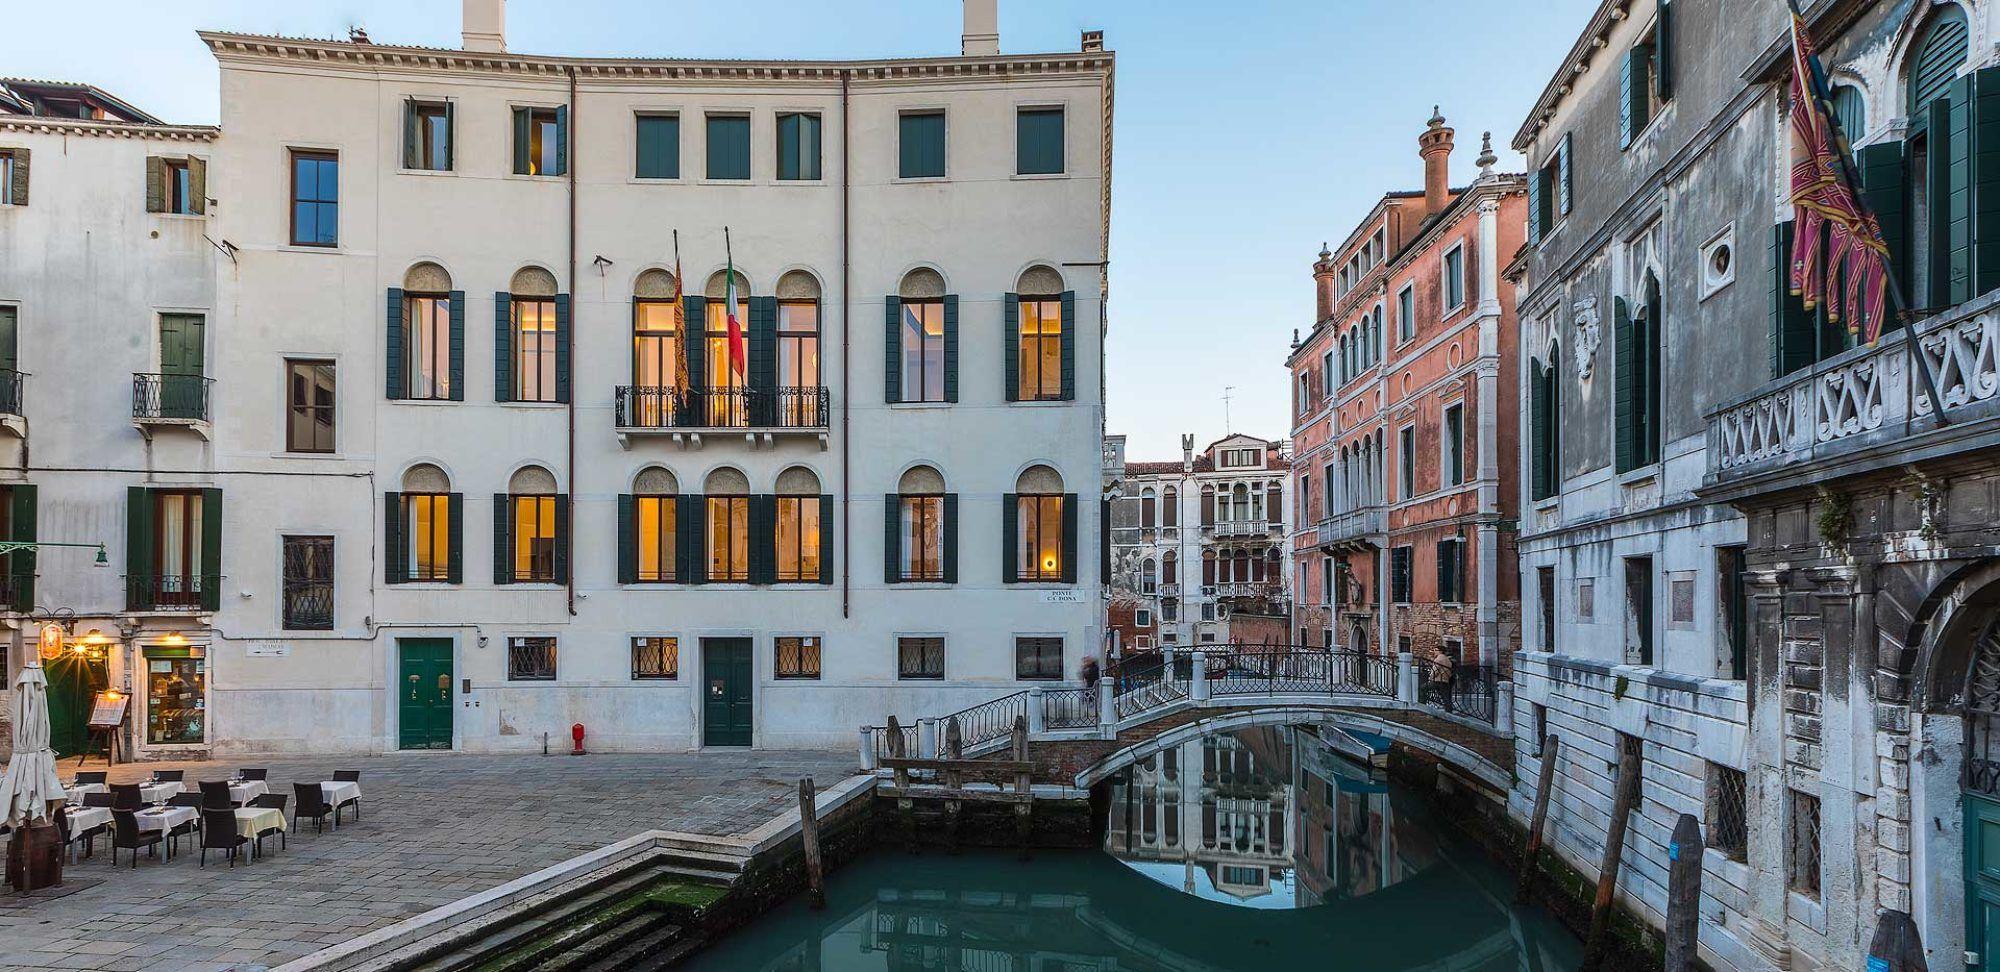 Photo of Palazzo Morosini in Venice, Italy | Holiday apartments